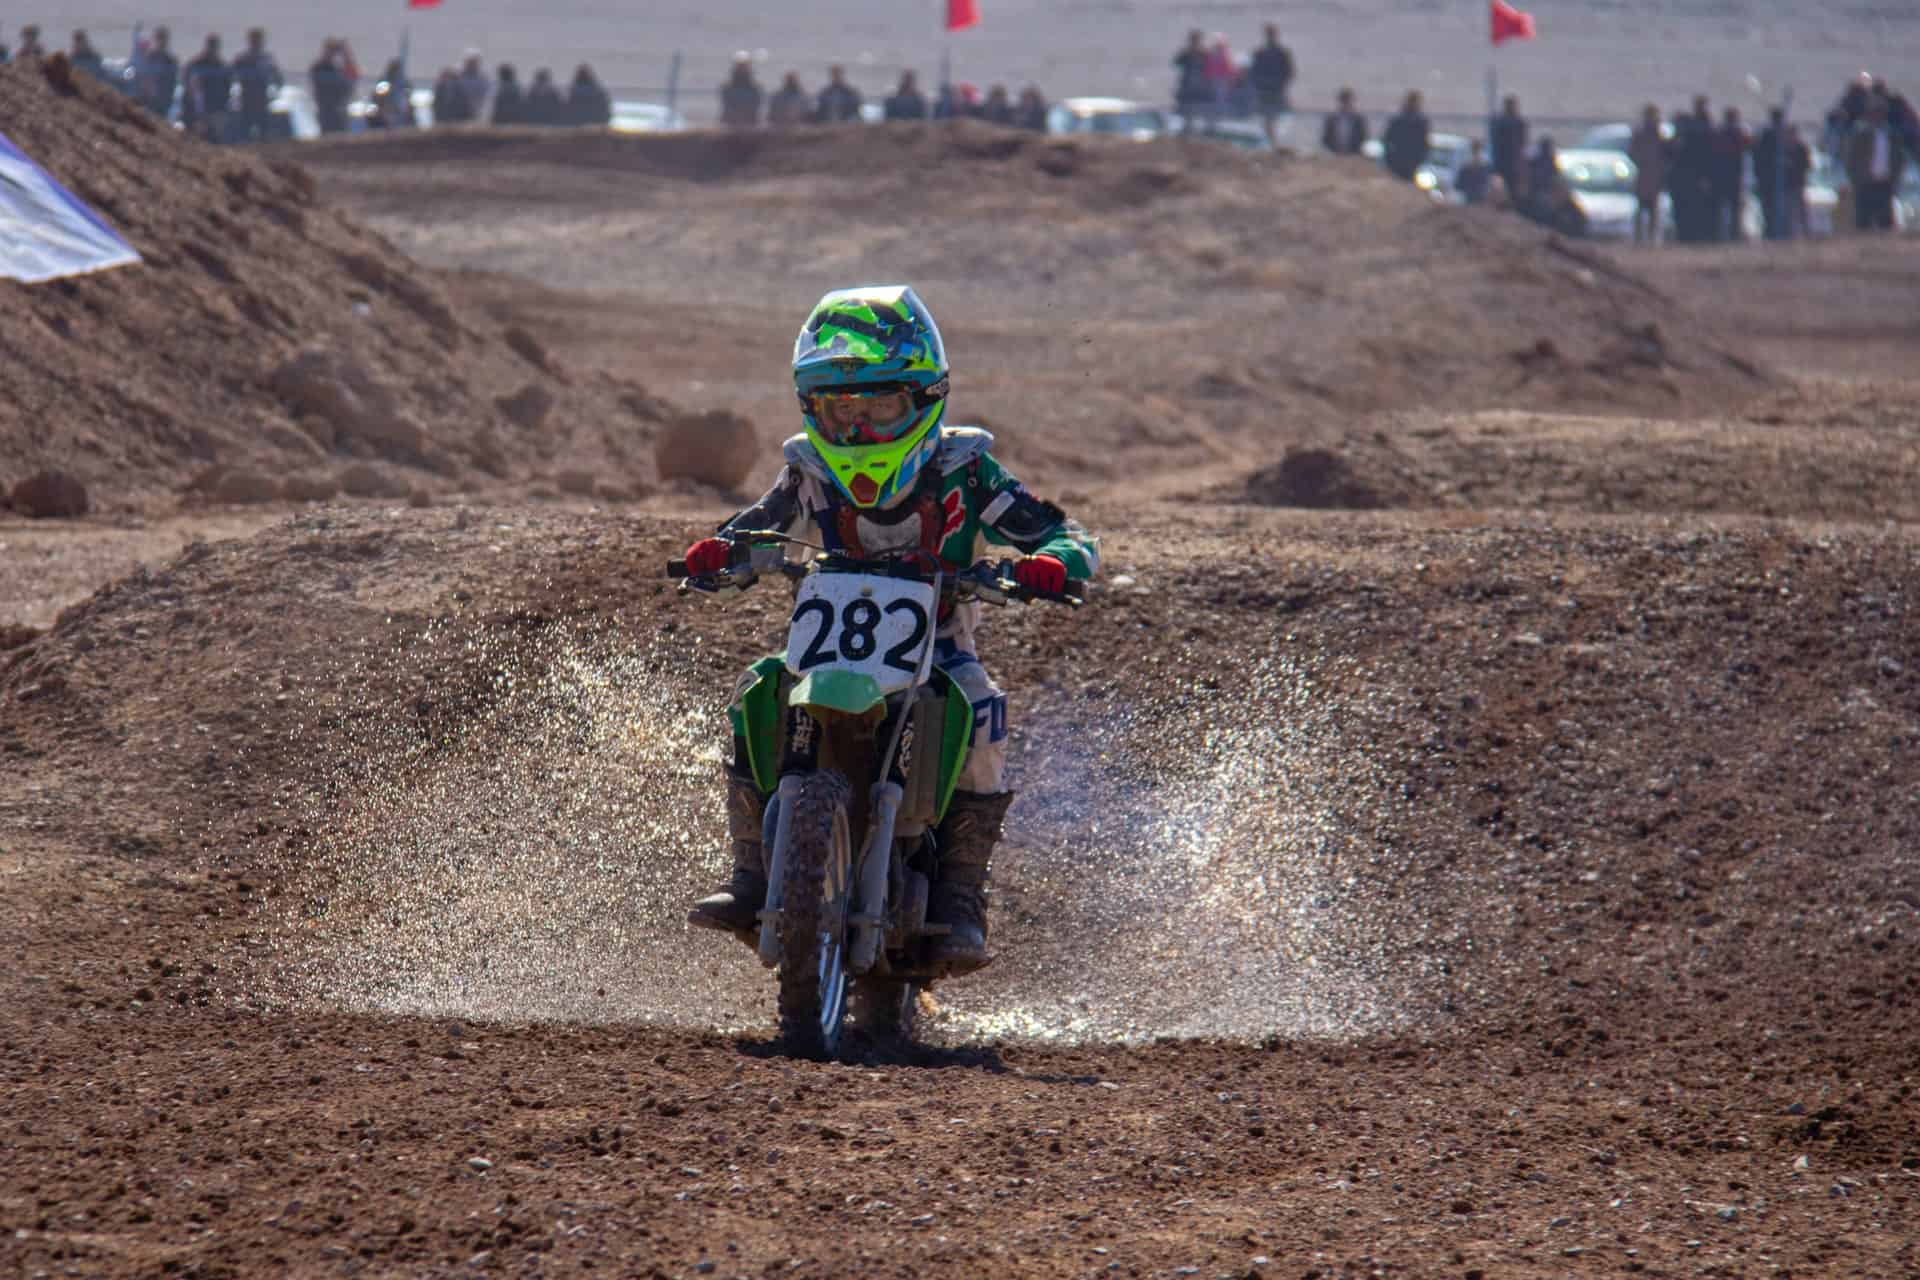 motorcycle kid helmet green